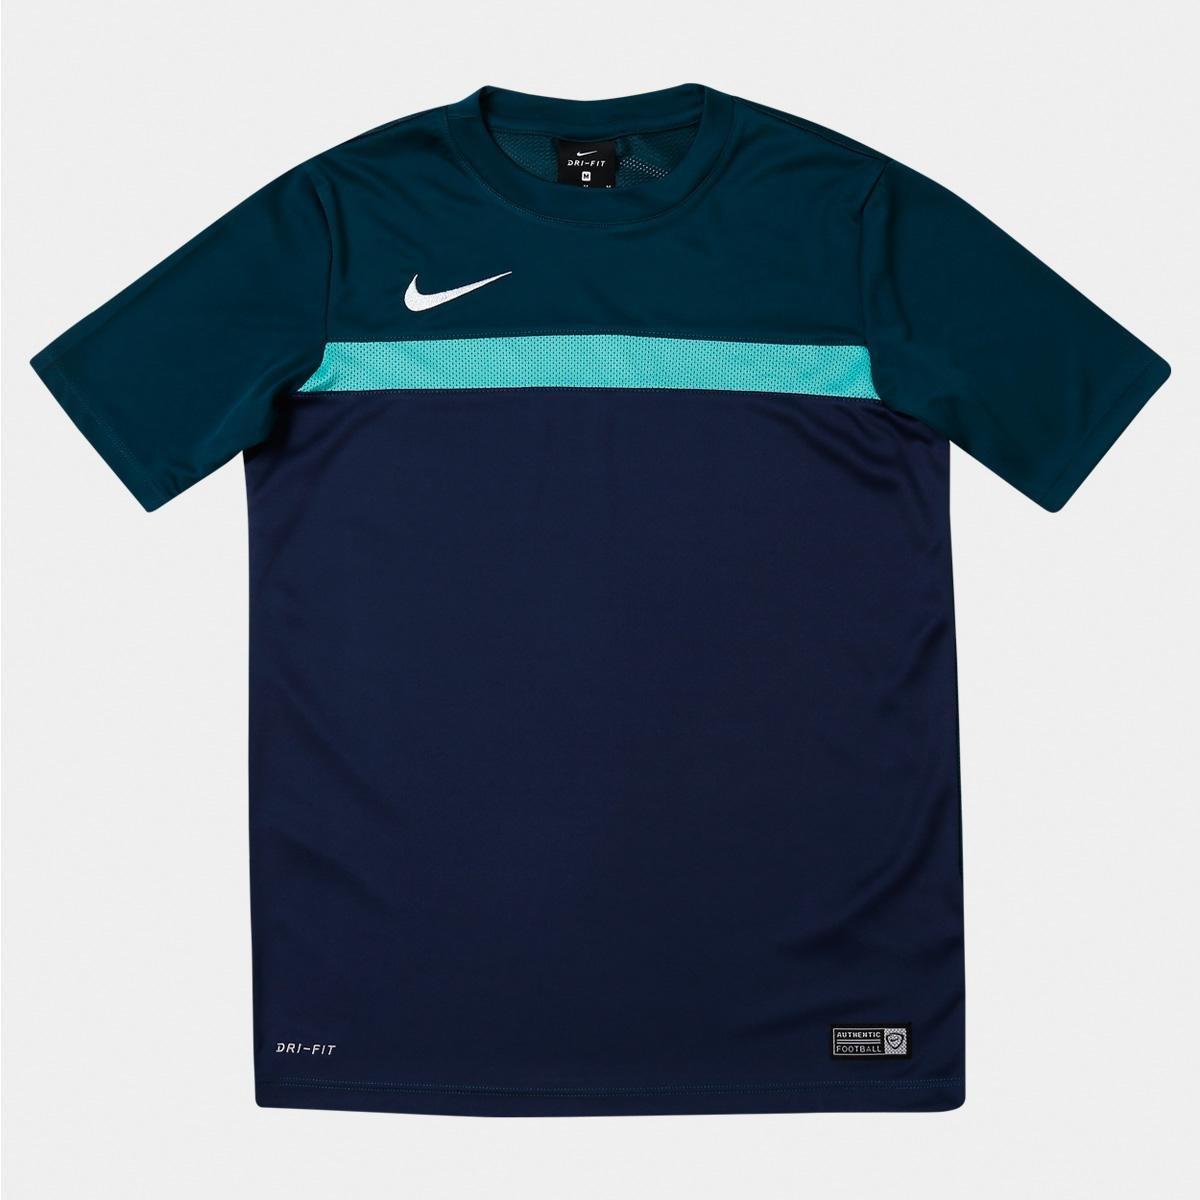 7776ceaff7 Camisa Nike Academy Training Infantil - Compre Agora